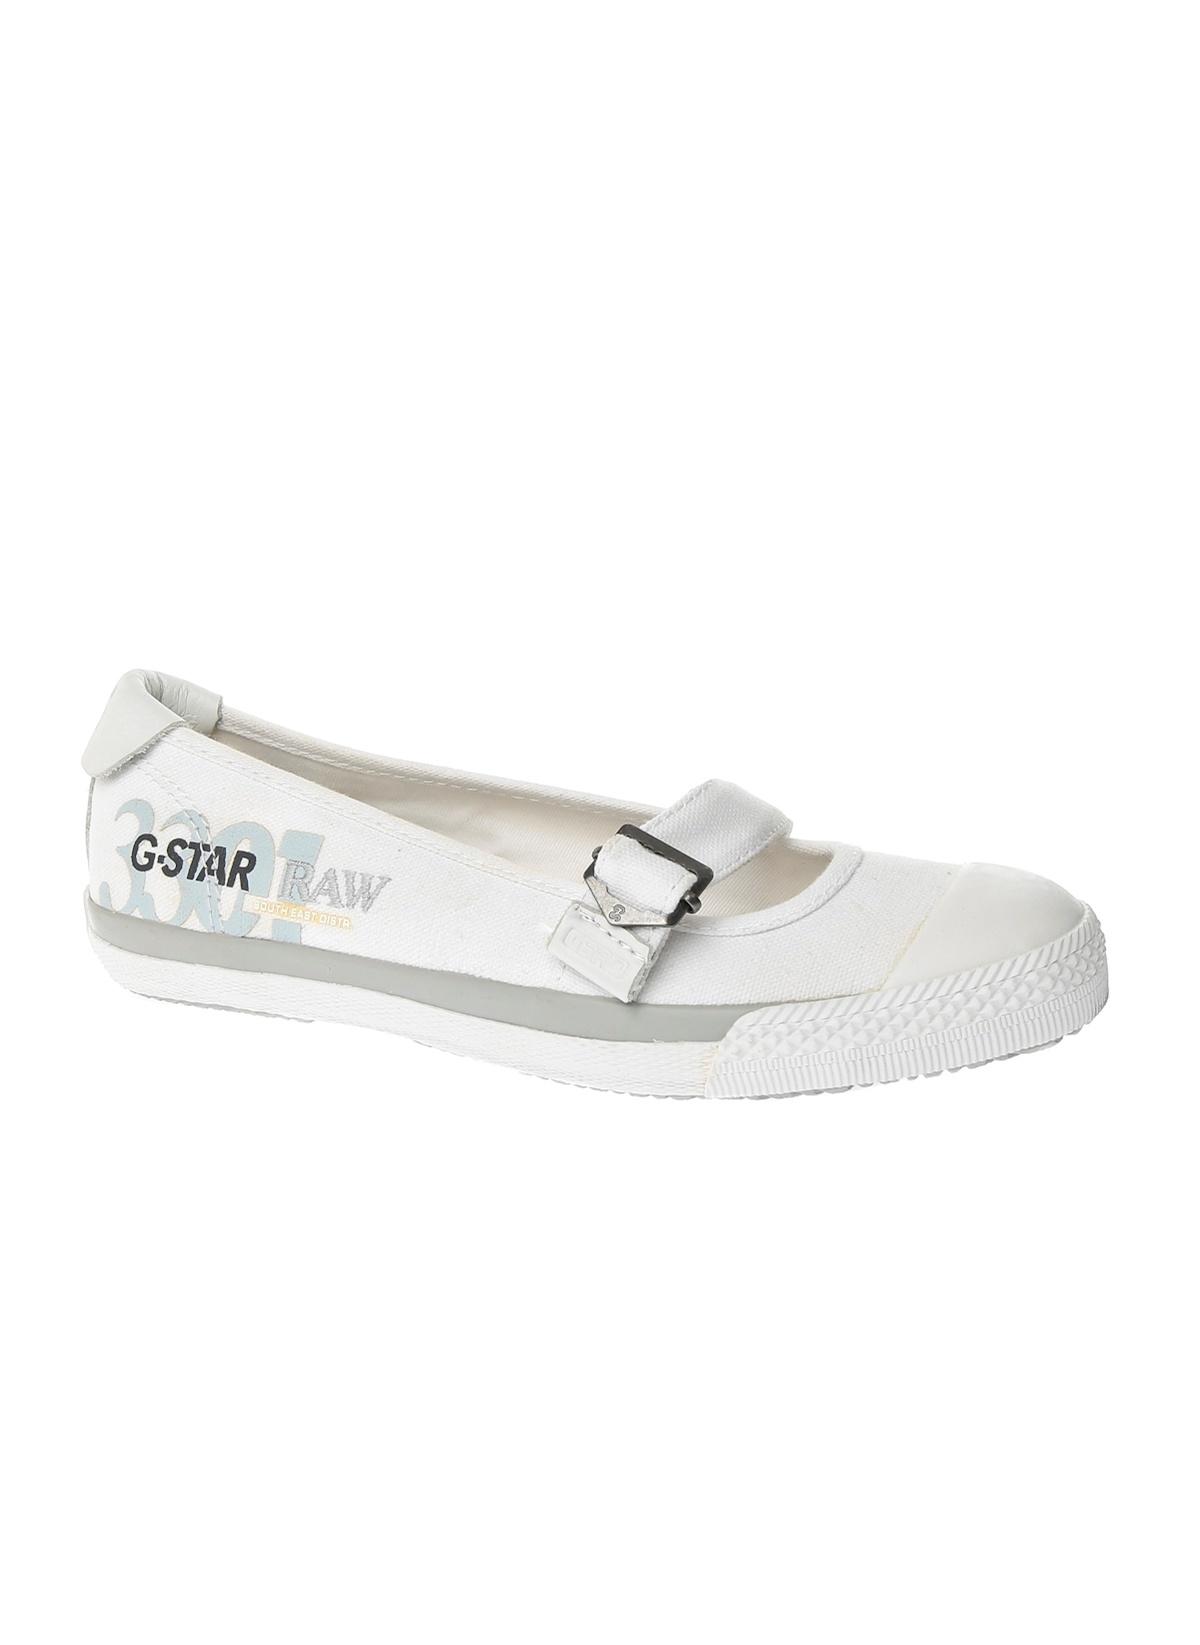 Kadın G-Star Ayakkabı